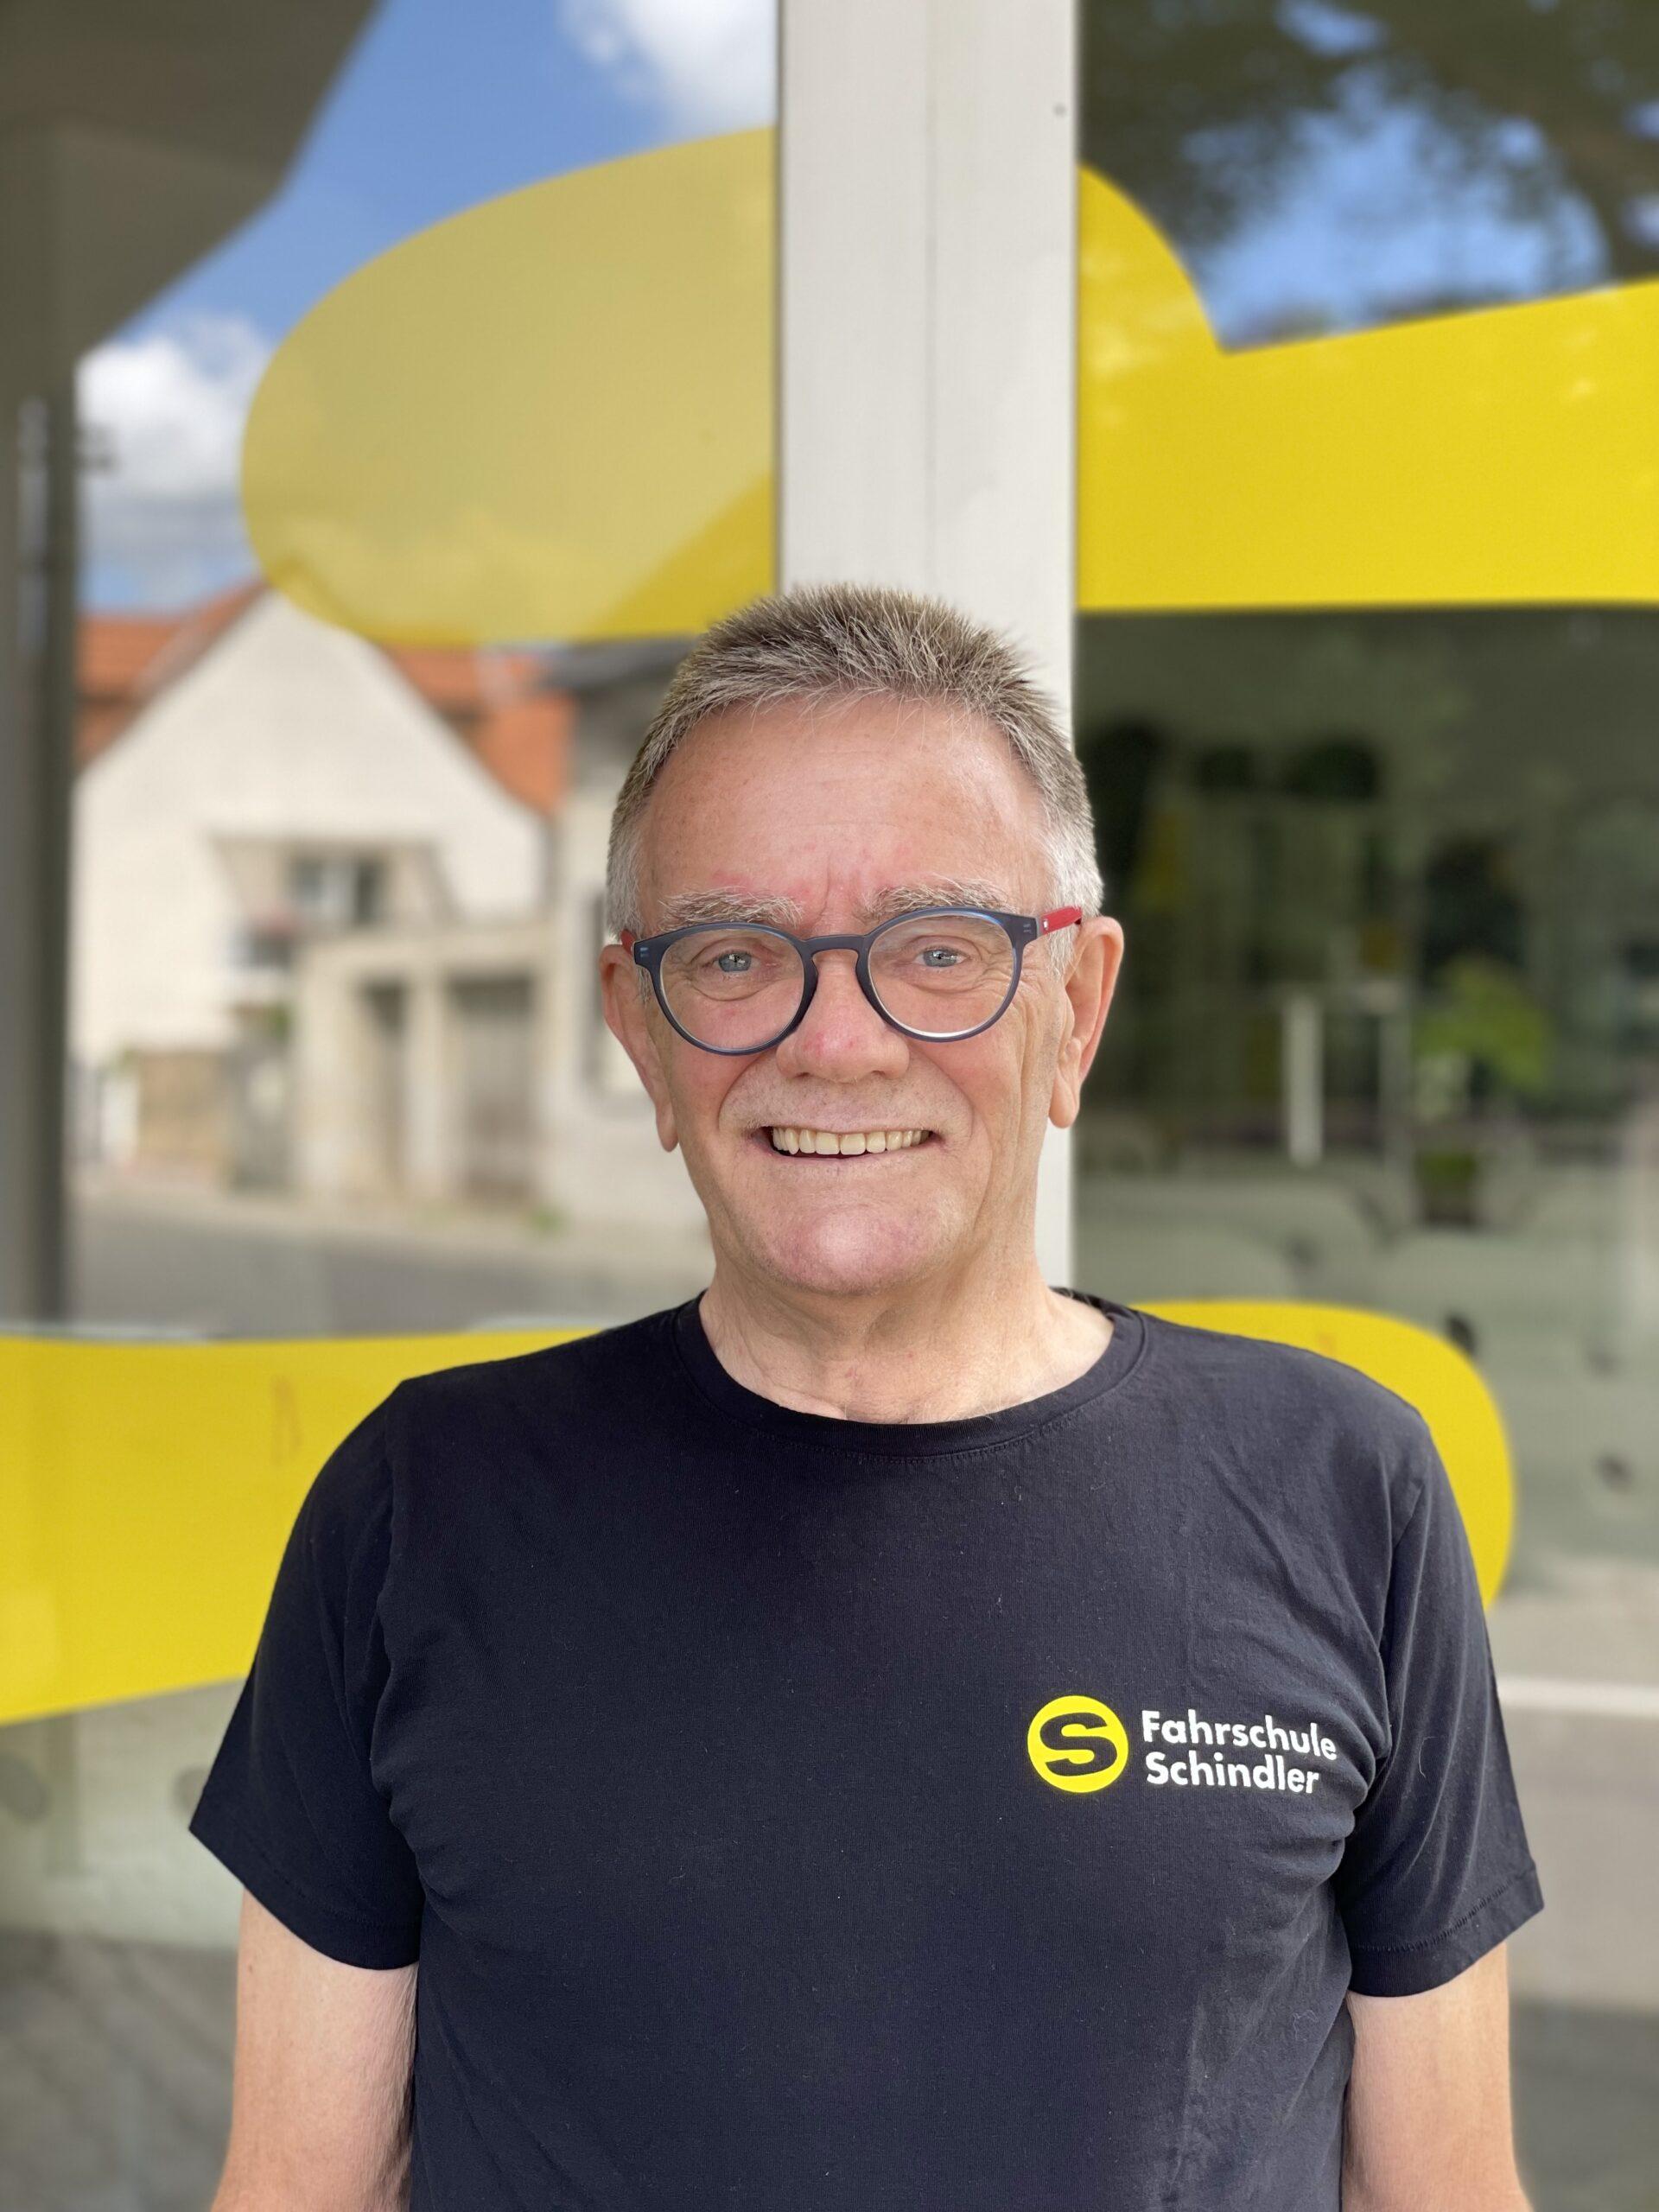 Frank Schindler - Fahrschule Schindler